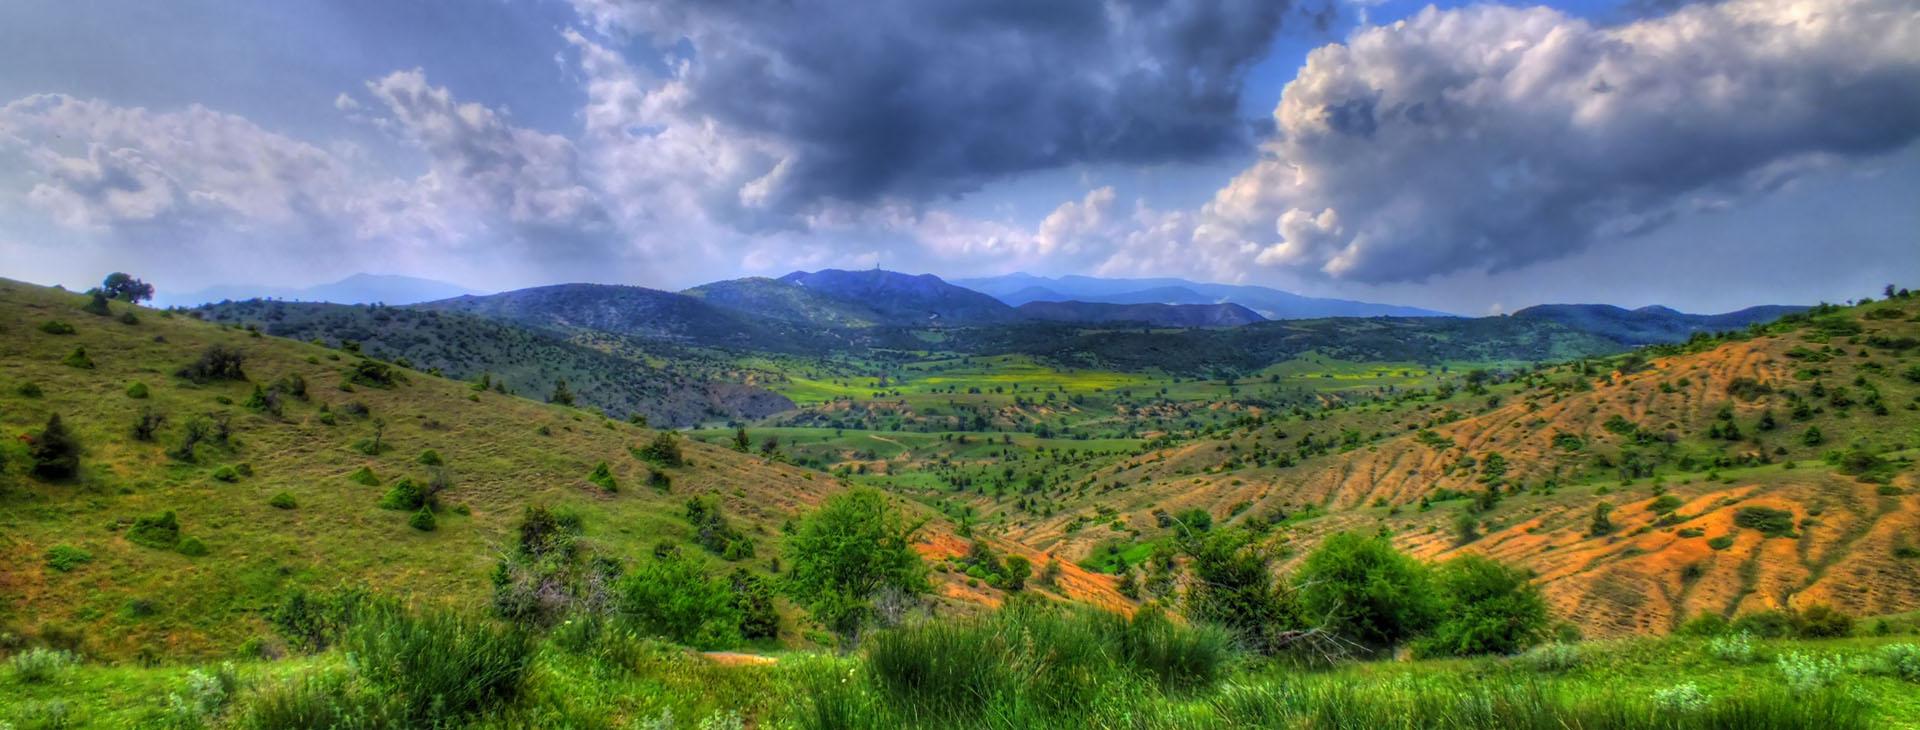 Mt. Kissavos, Larisa